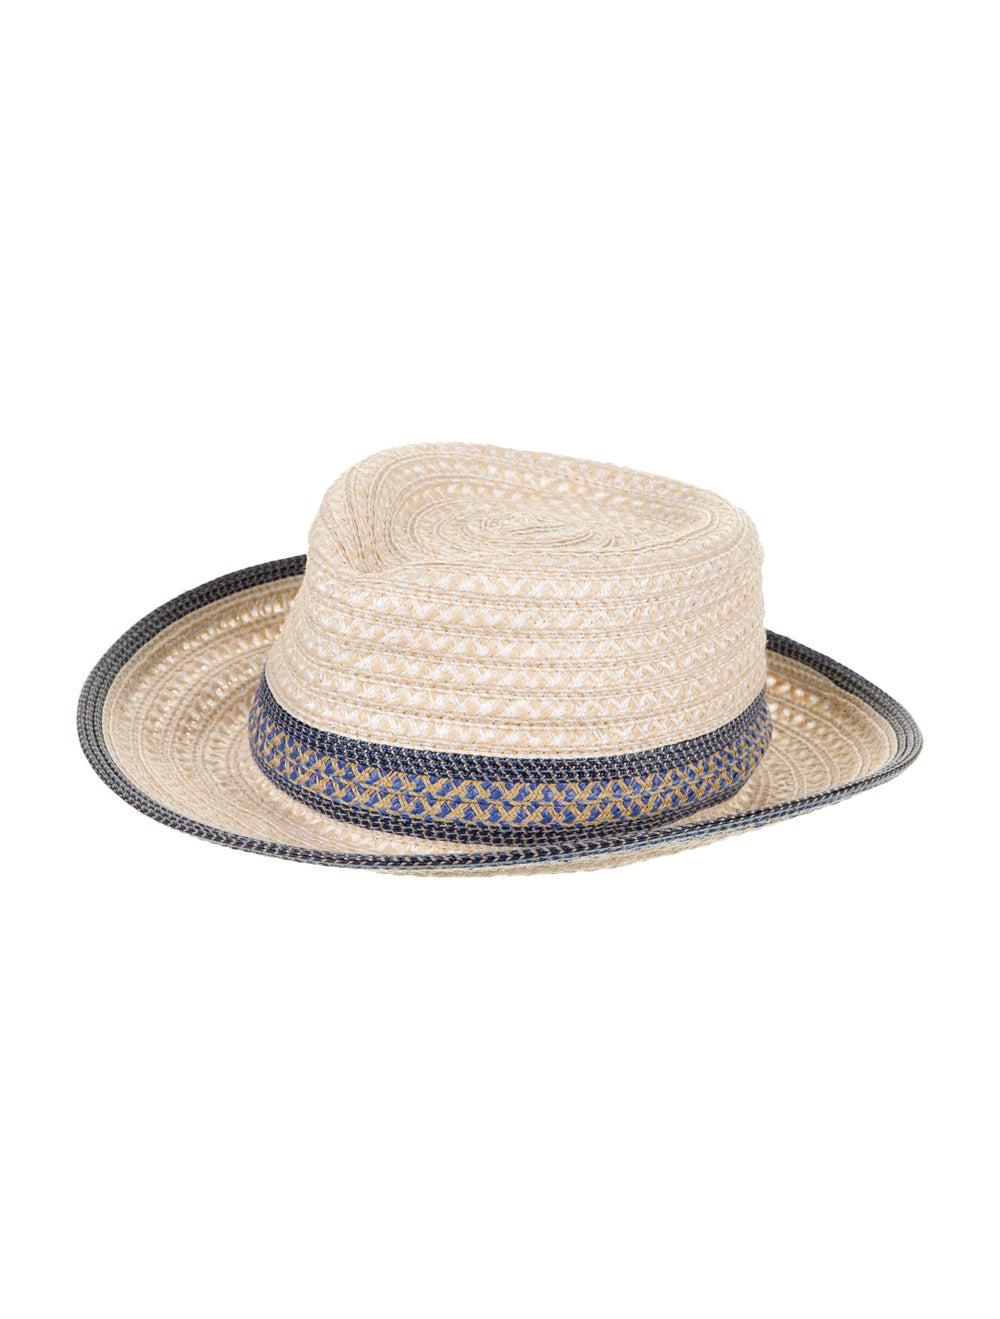 Eric Javits Wide Brimmed Hat Sand - image 1